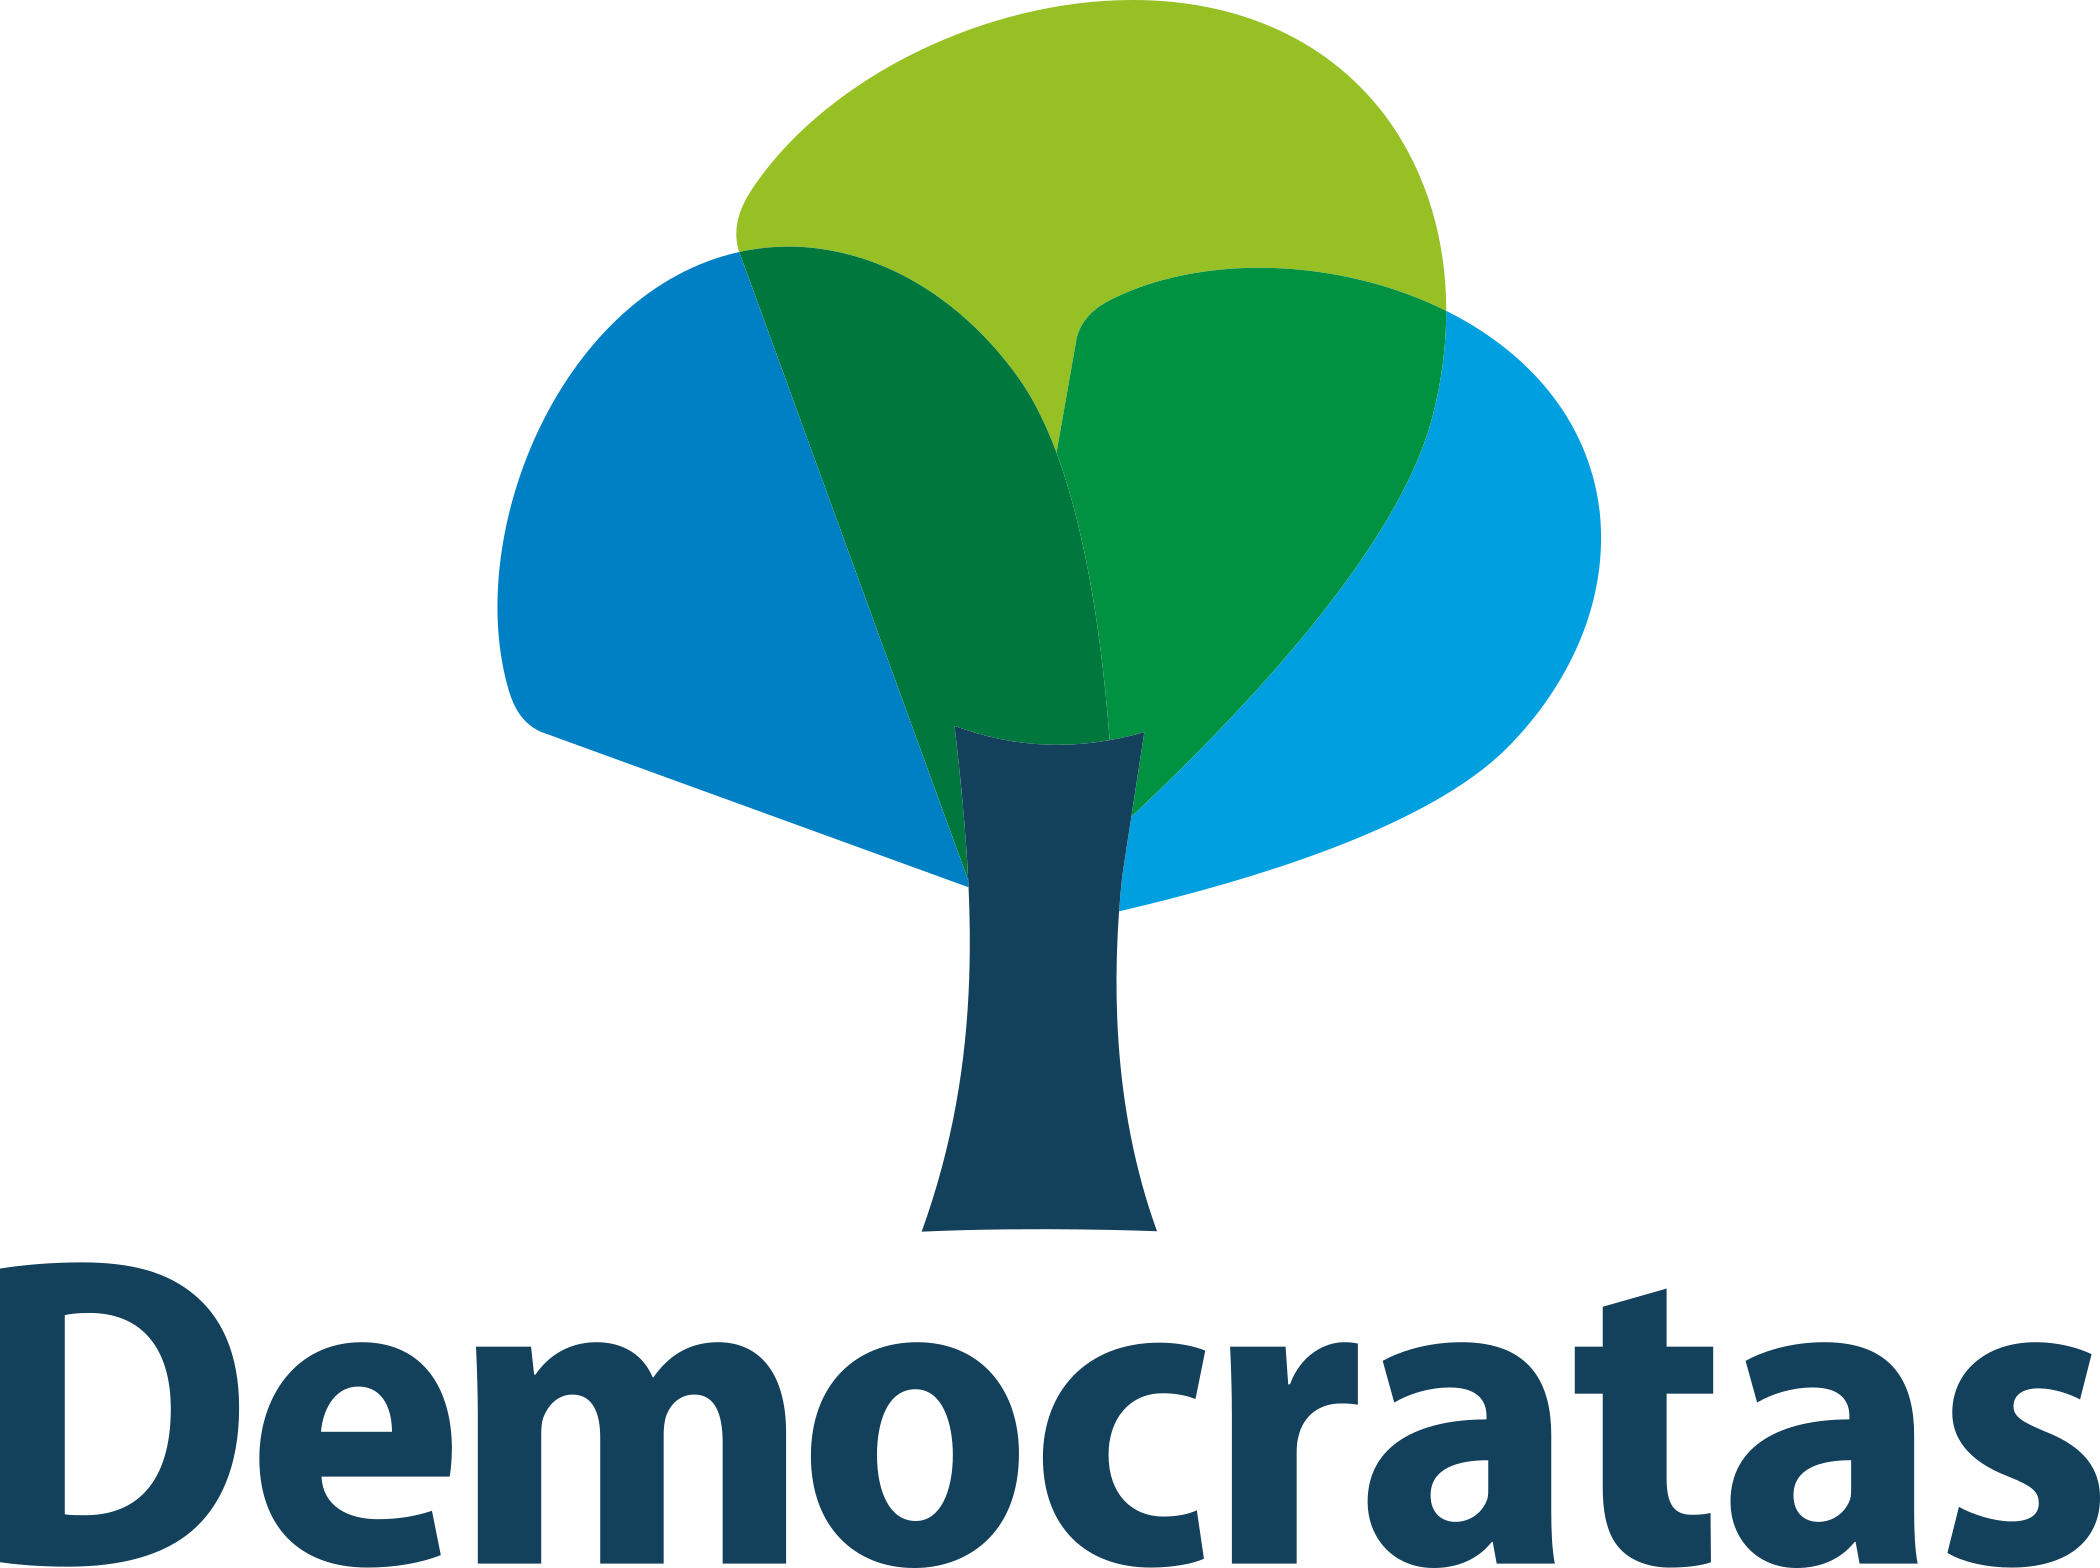 partido democratas dem logo 2 - DEM Logo - Partido Democratas Logo